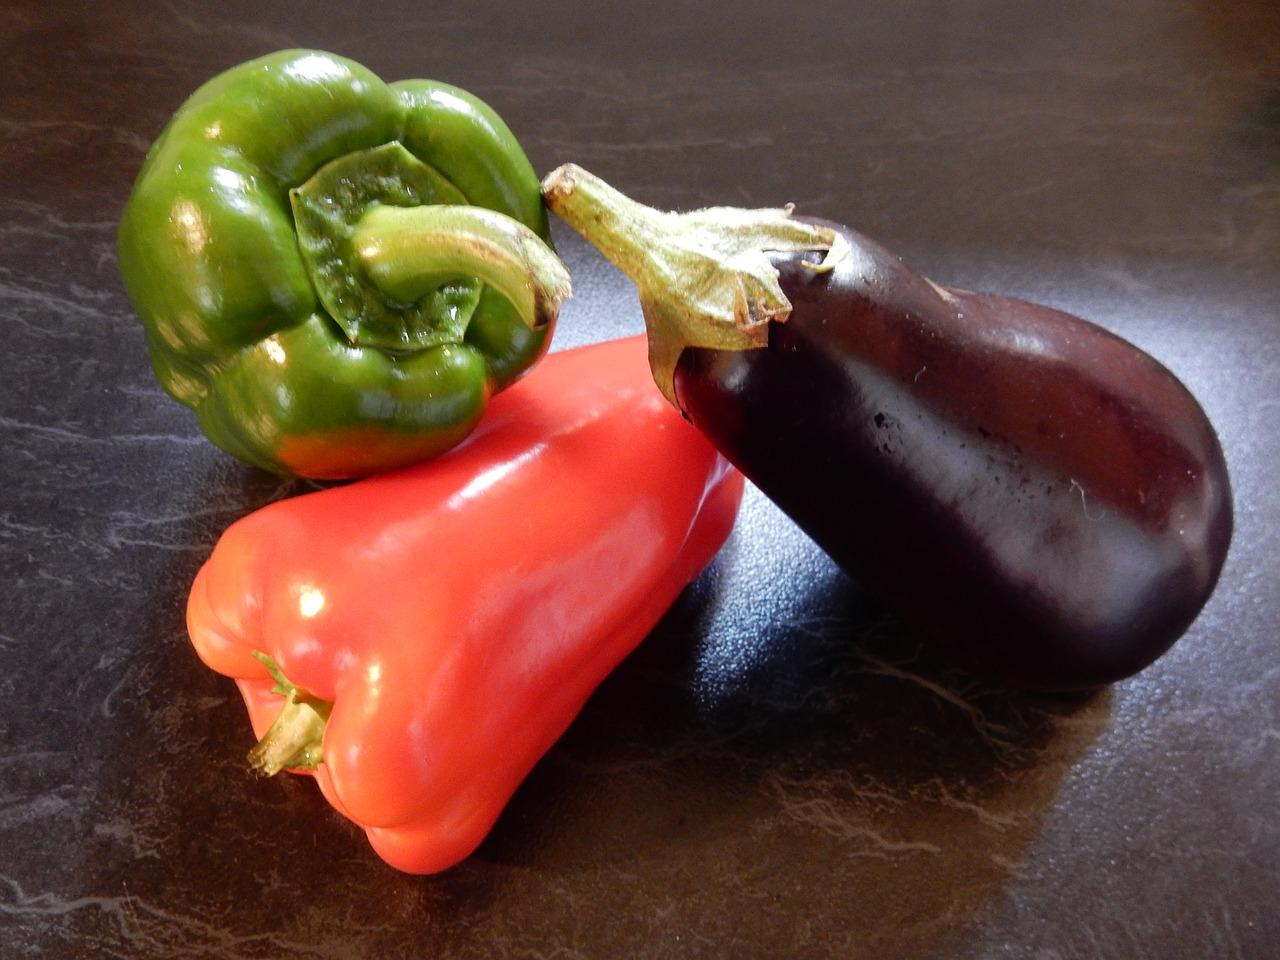 Aubergine und Paprika, Fötusvergleich 21./22 Schwangerschaftswoche